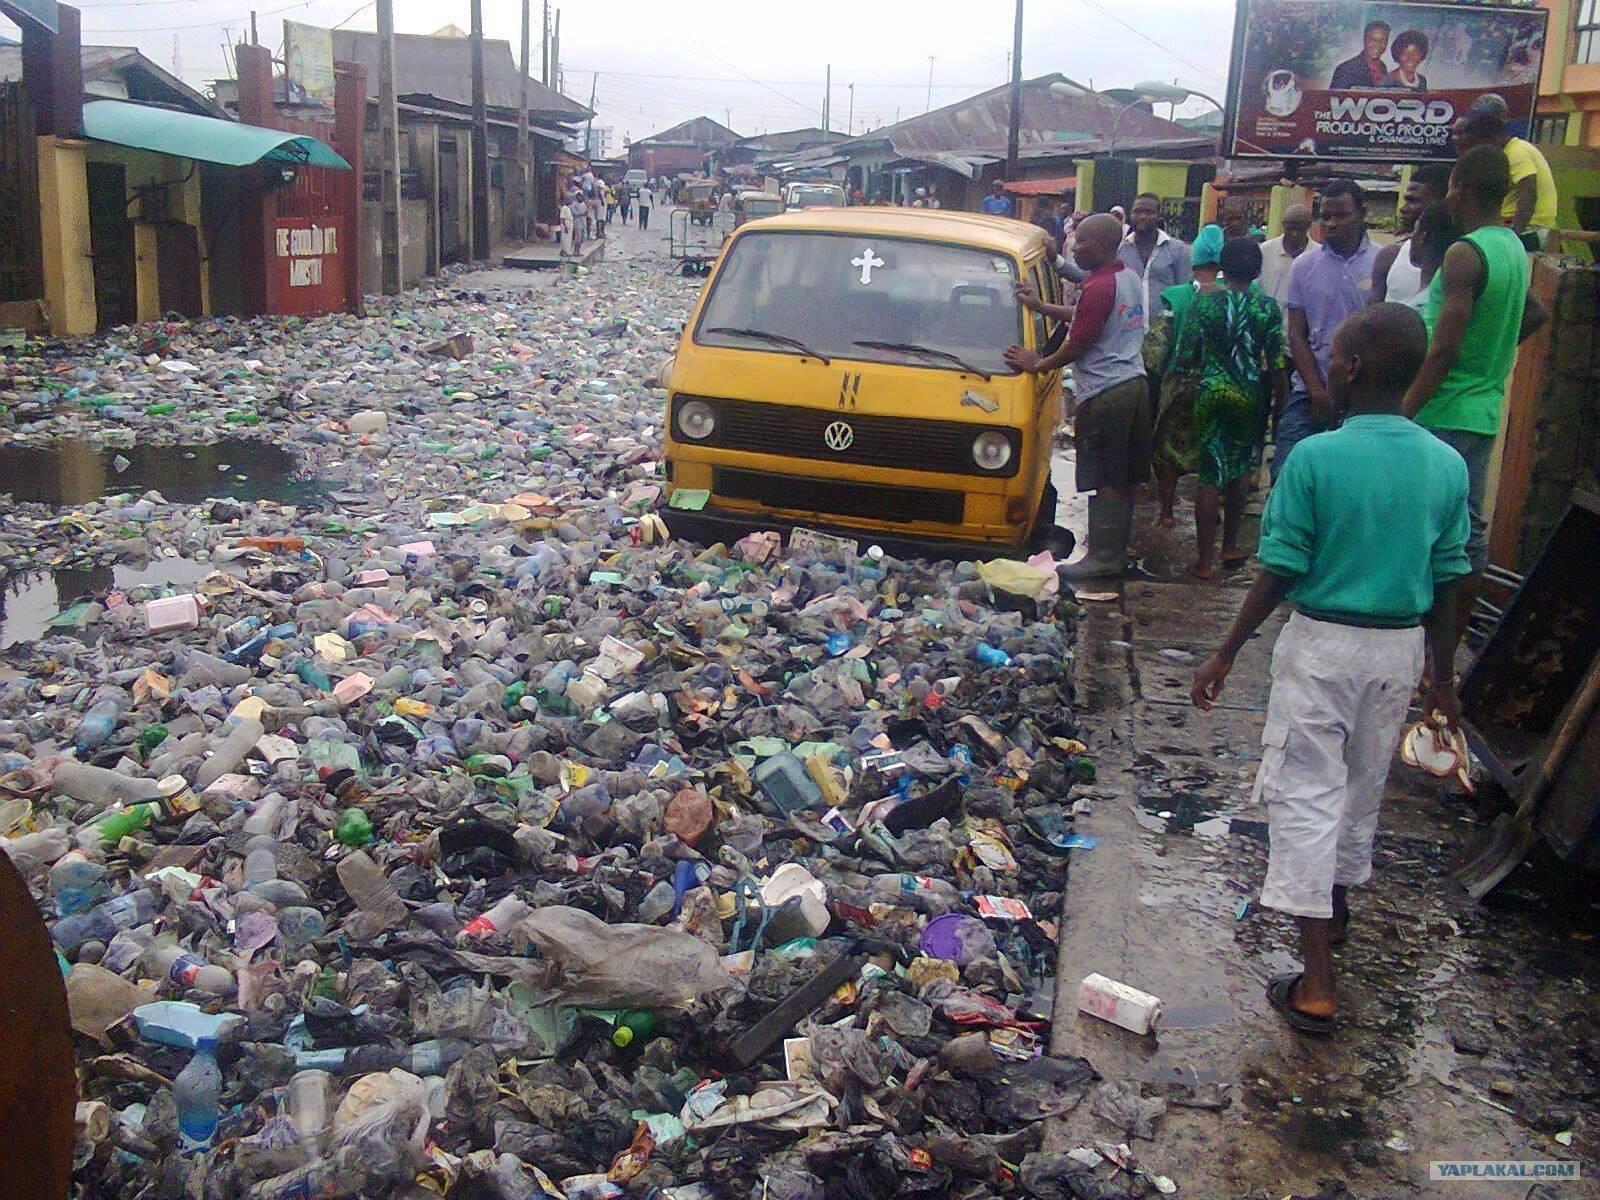 них мусорная свалка в африке фото для сварки